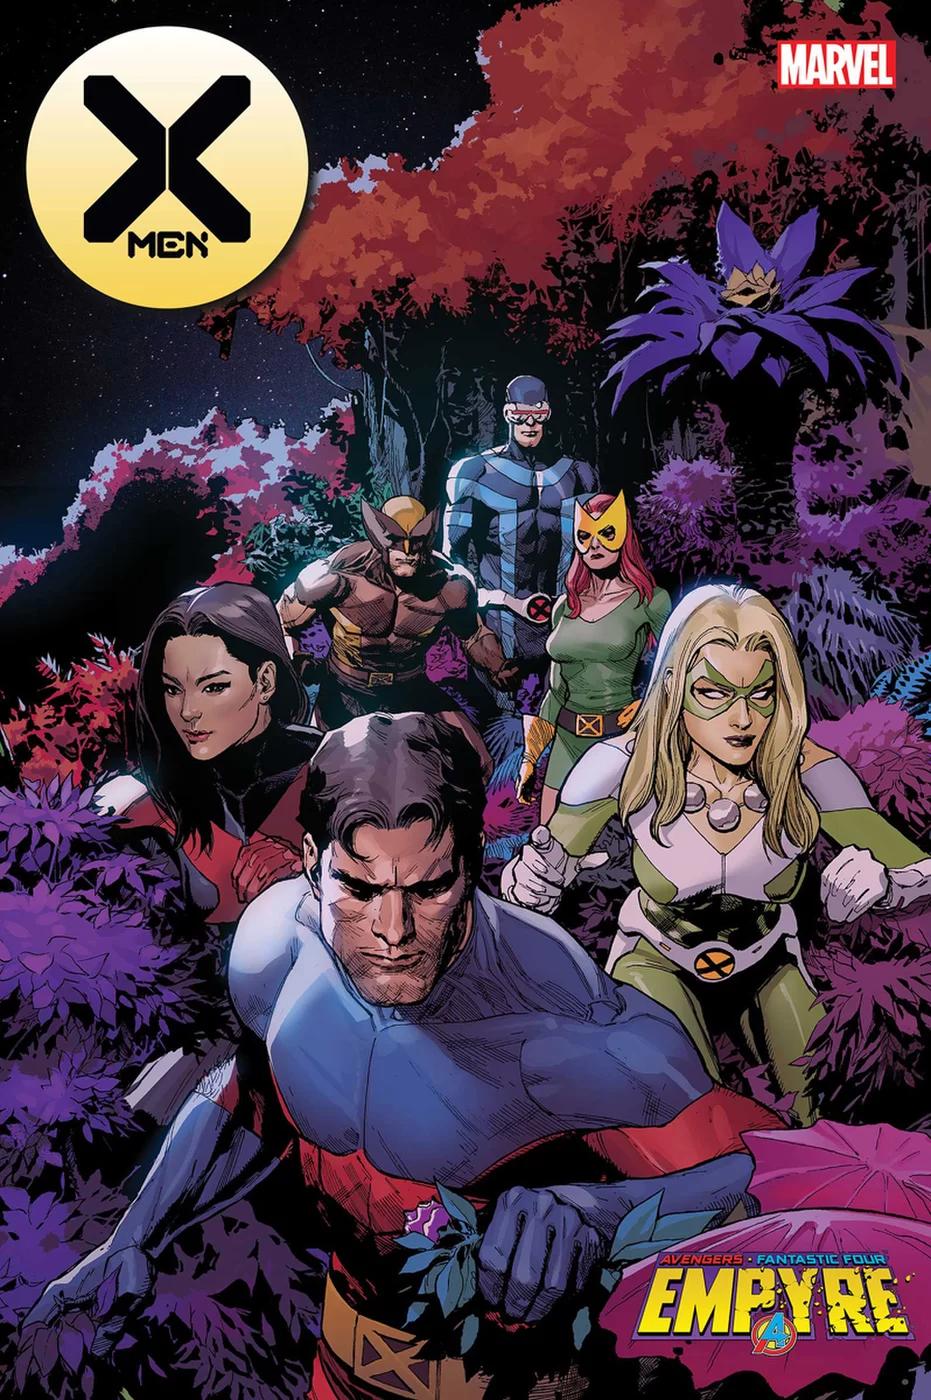 Marvel Comics April 2020 Solicitations In 2020 Xmen Comics X Men Comics